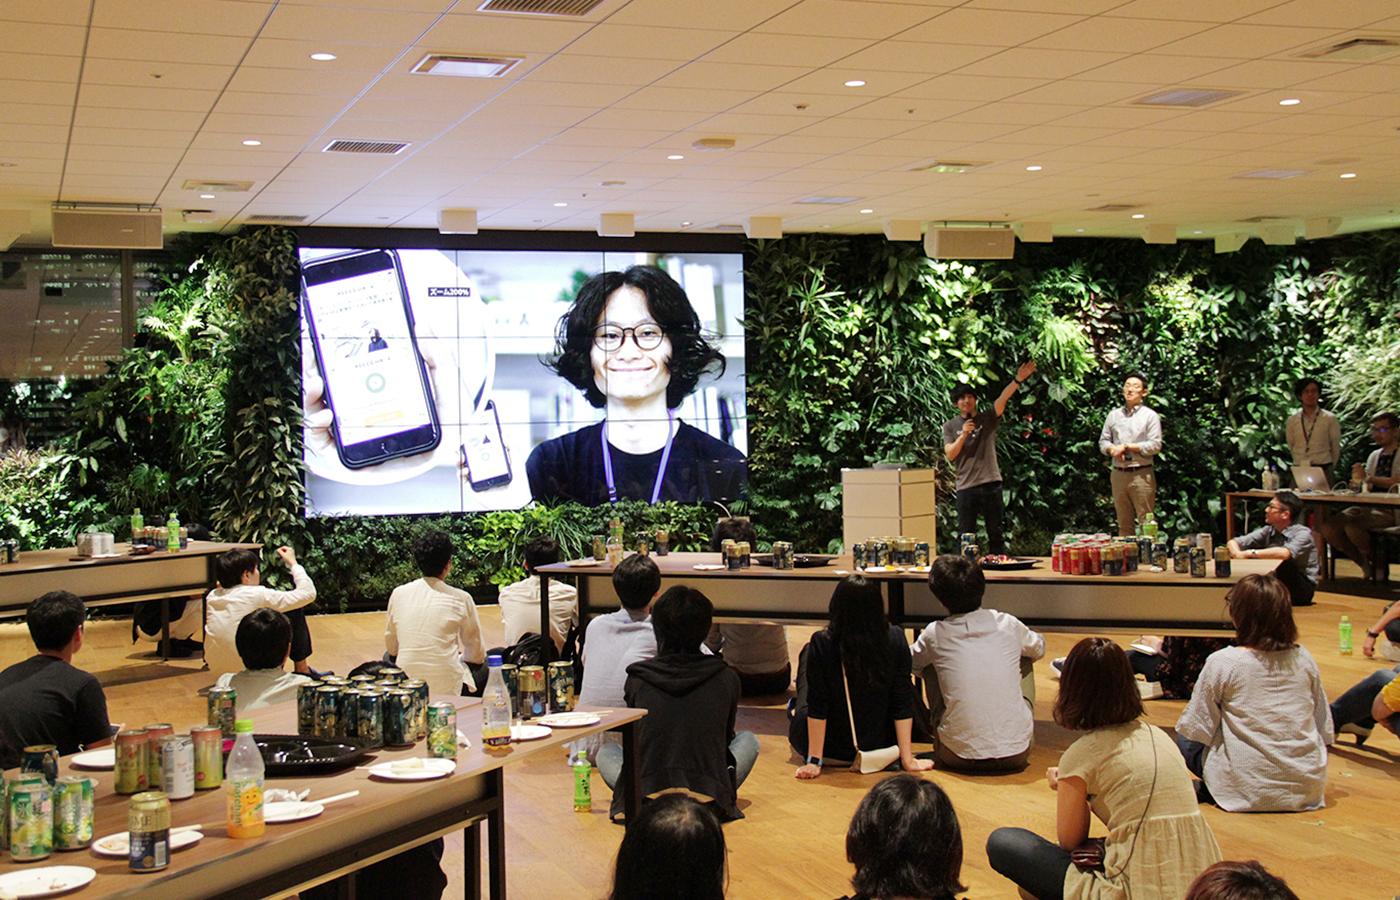 【大盛況!】UXデザイナー向けイベントを共催しました!CAREER HACK #きょうのエン